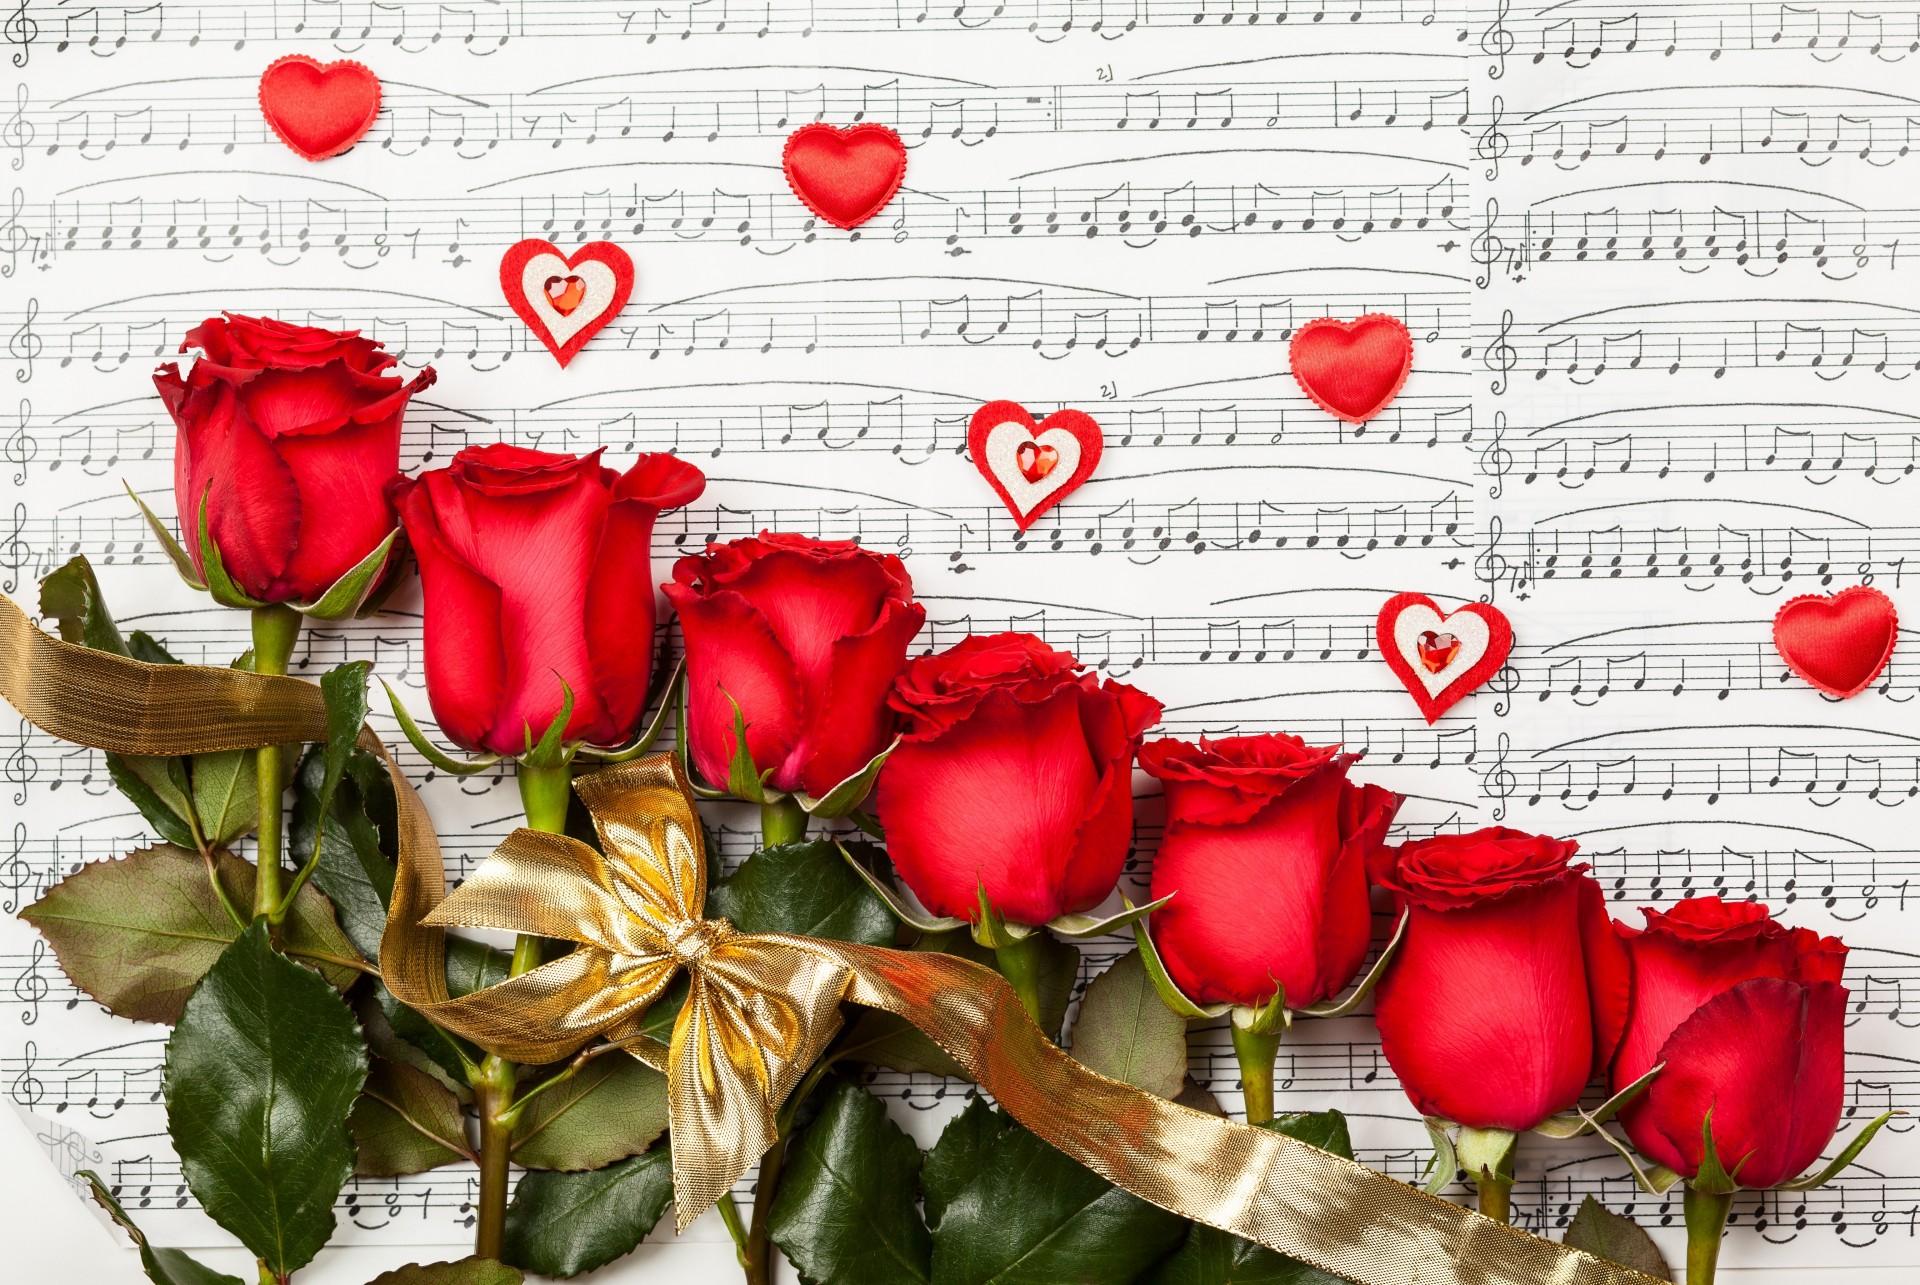 Музыкальное поздравления с днем рождения мой мир